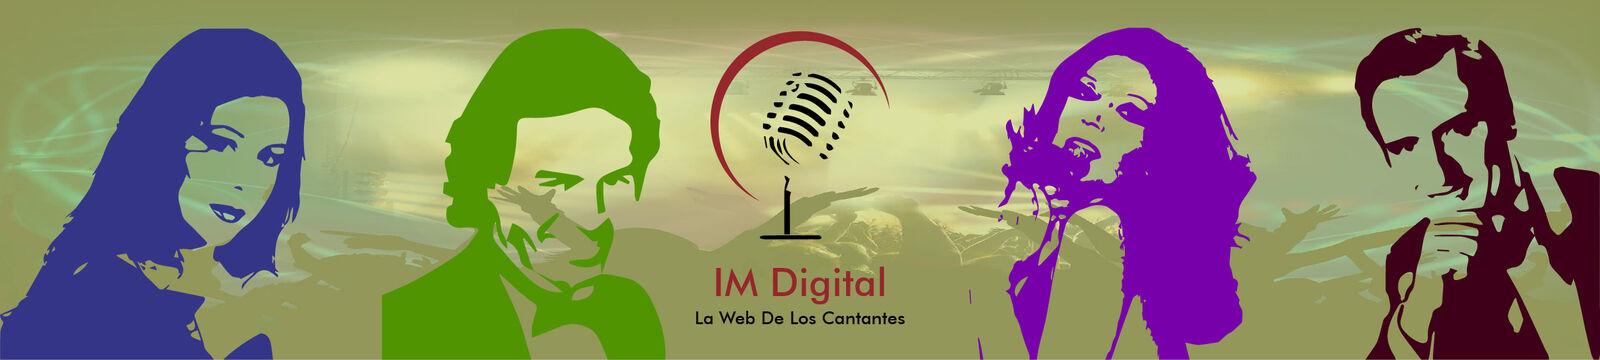 IM Digital